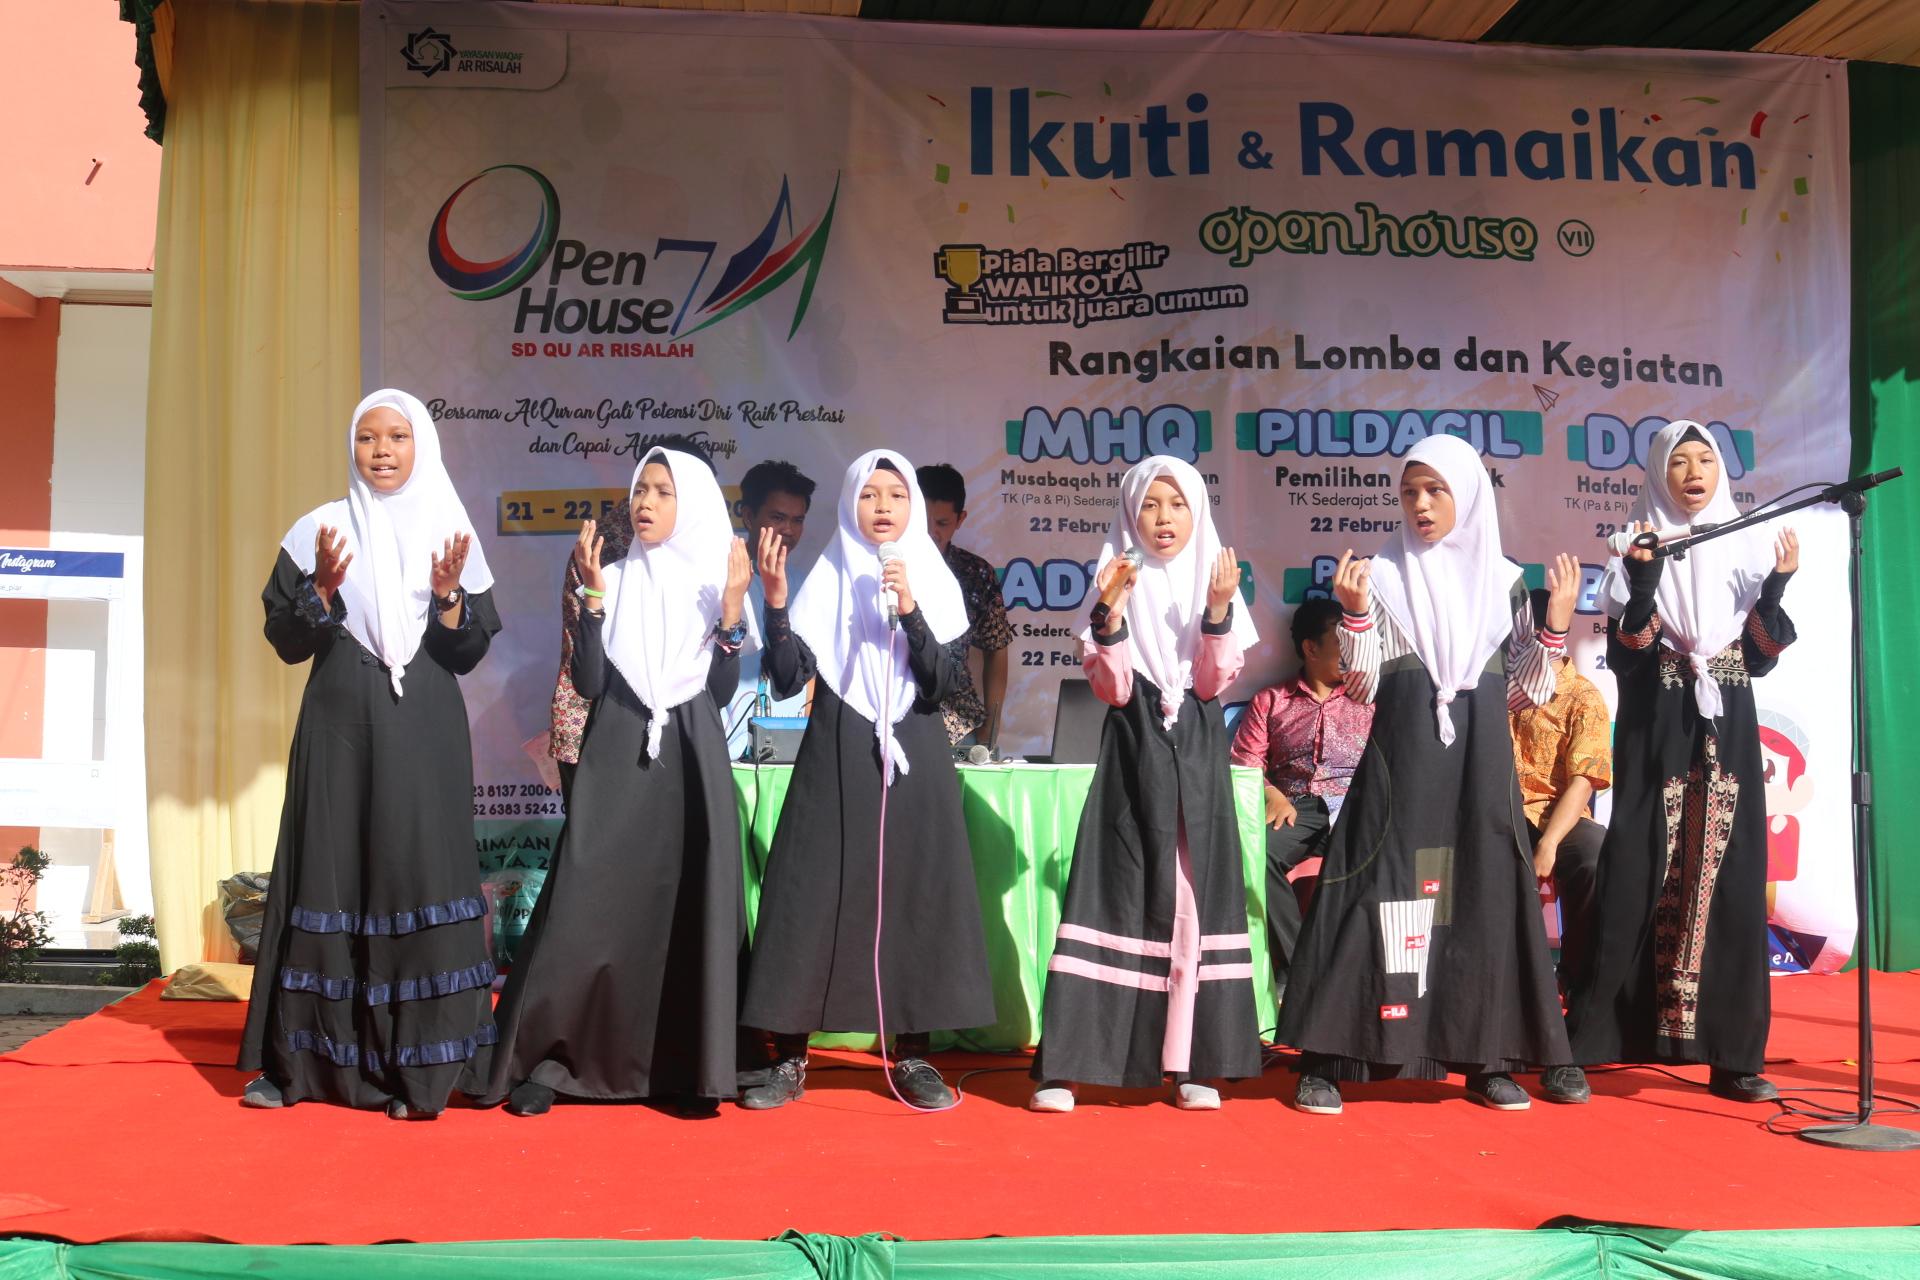 Open House ke-7 SD Qu Ar Risalah Digelar